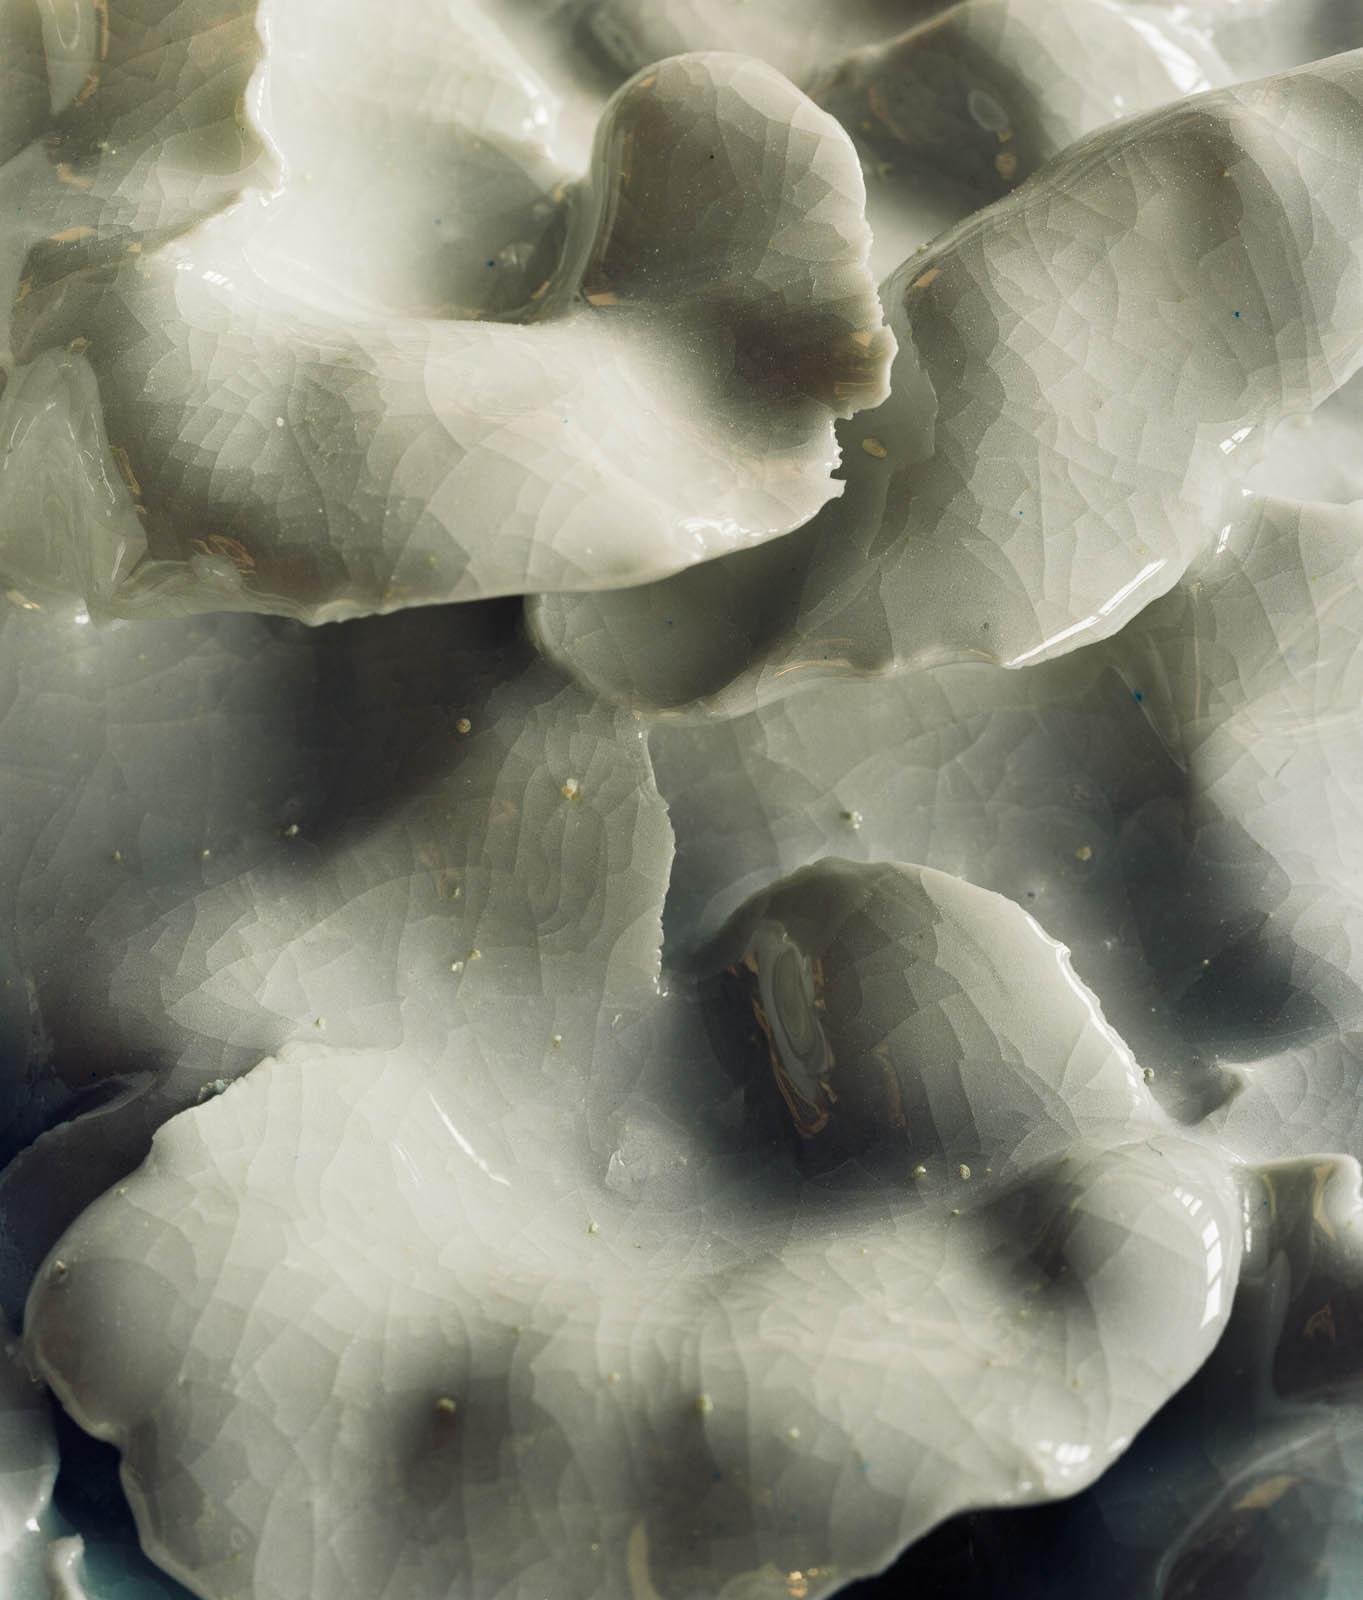 Glaserade keramikblad, detalj. Renata Francescon, Fruset šögonblick.